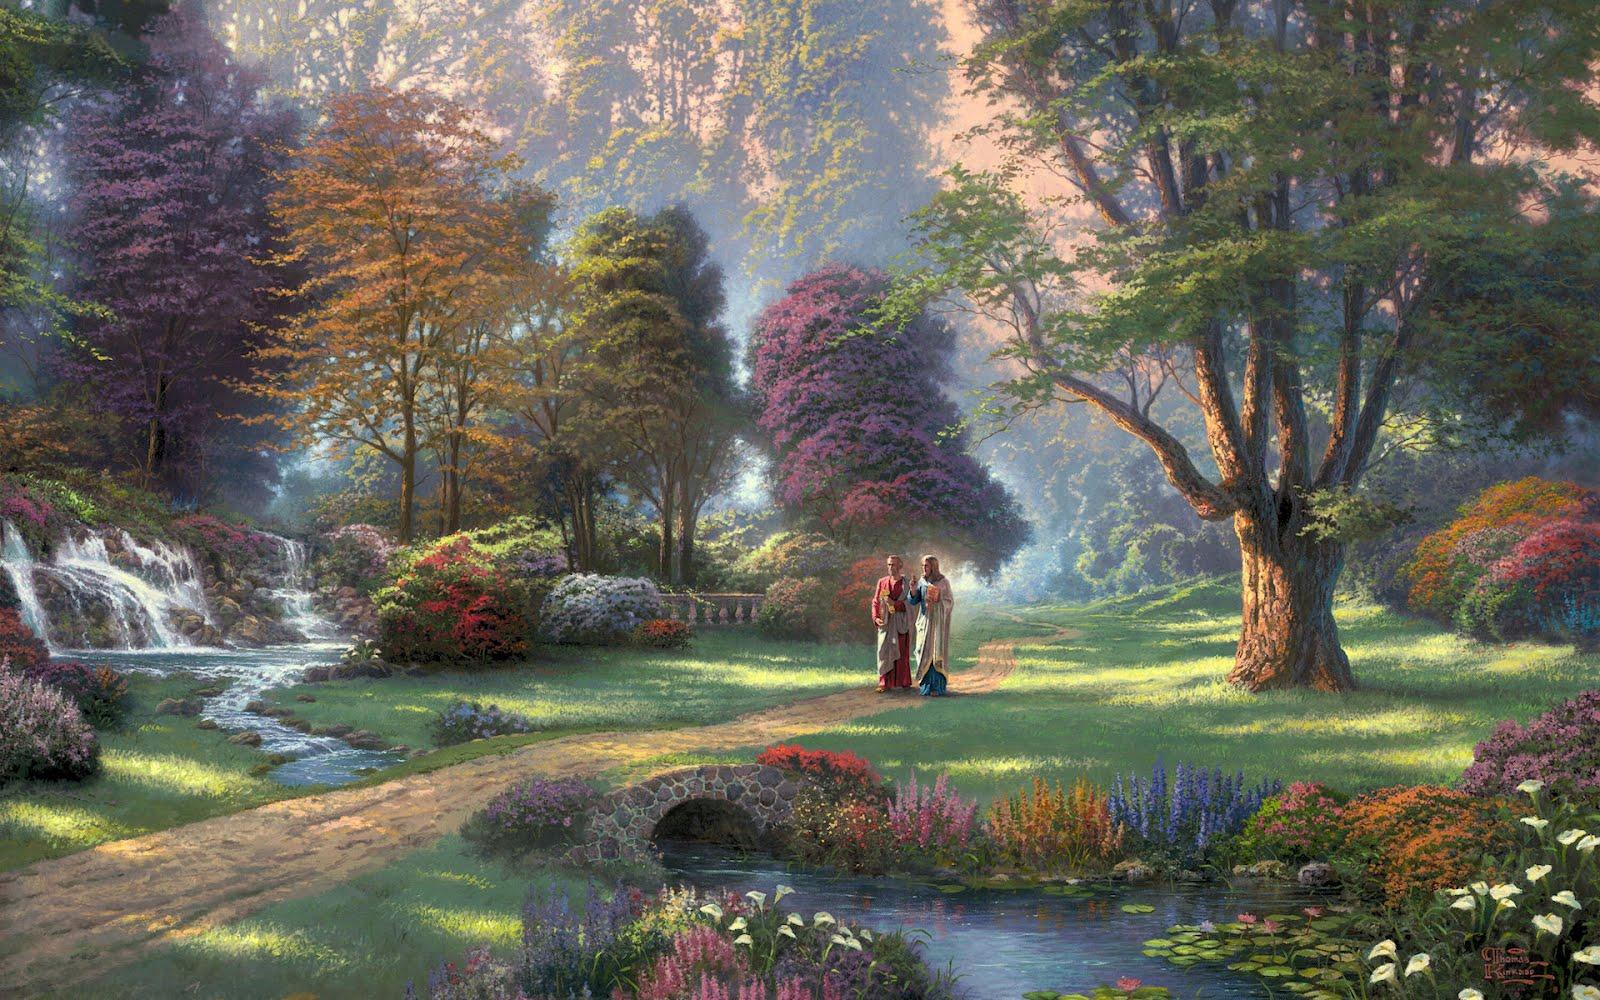 las-tierras-prometidas-del-eden-perdido-el-paraiso